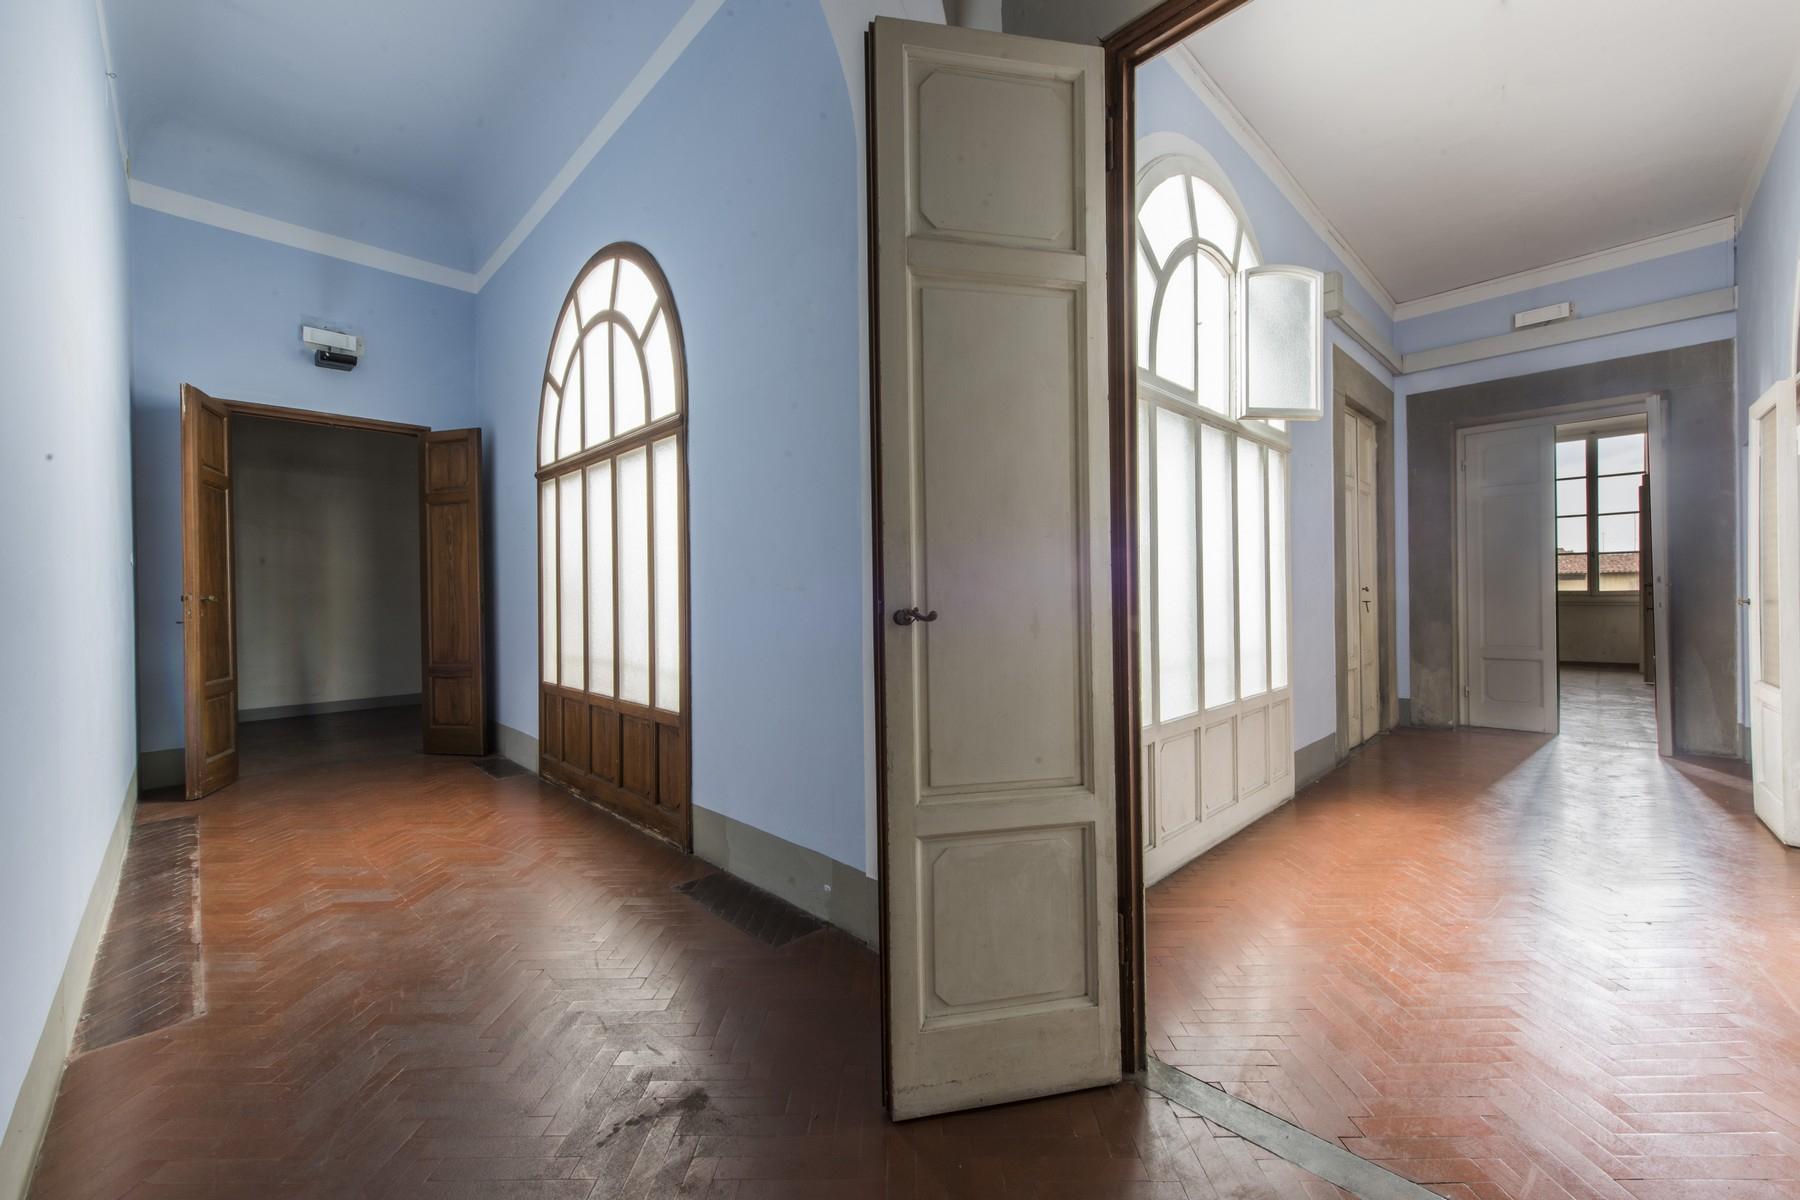 Великолепный пентхаус площадью 520 кв.м в историческом флорентийском палаццо - 7